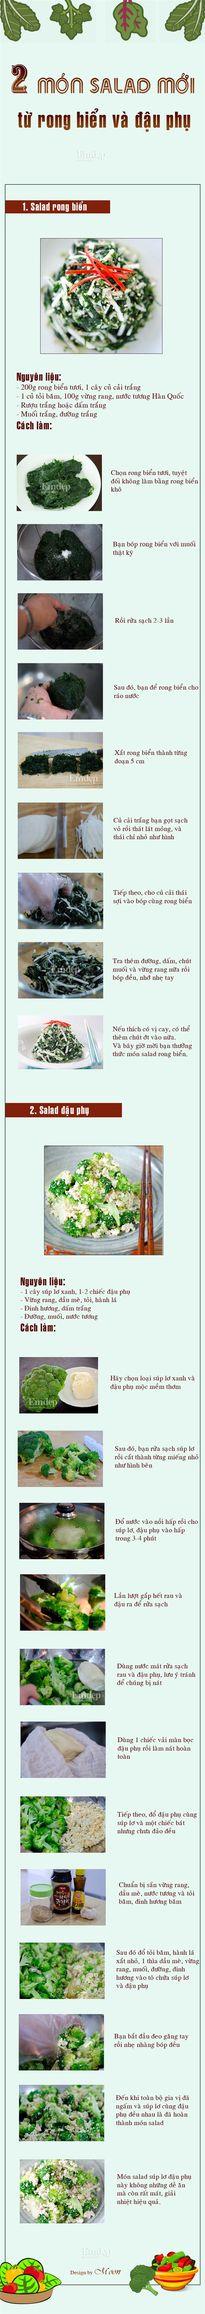 2 món salad mới lạ từ rong biển và đậu phụ